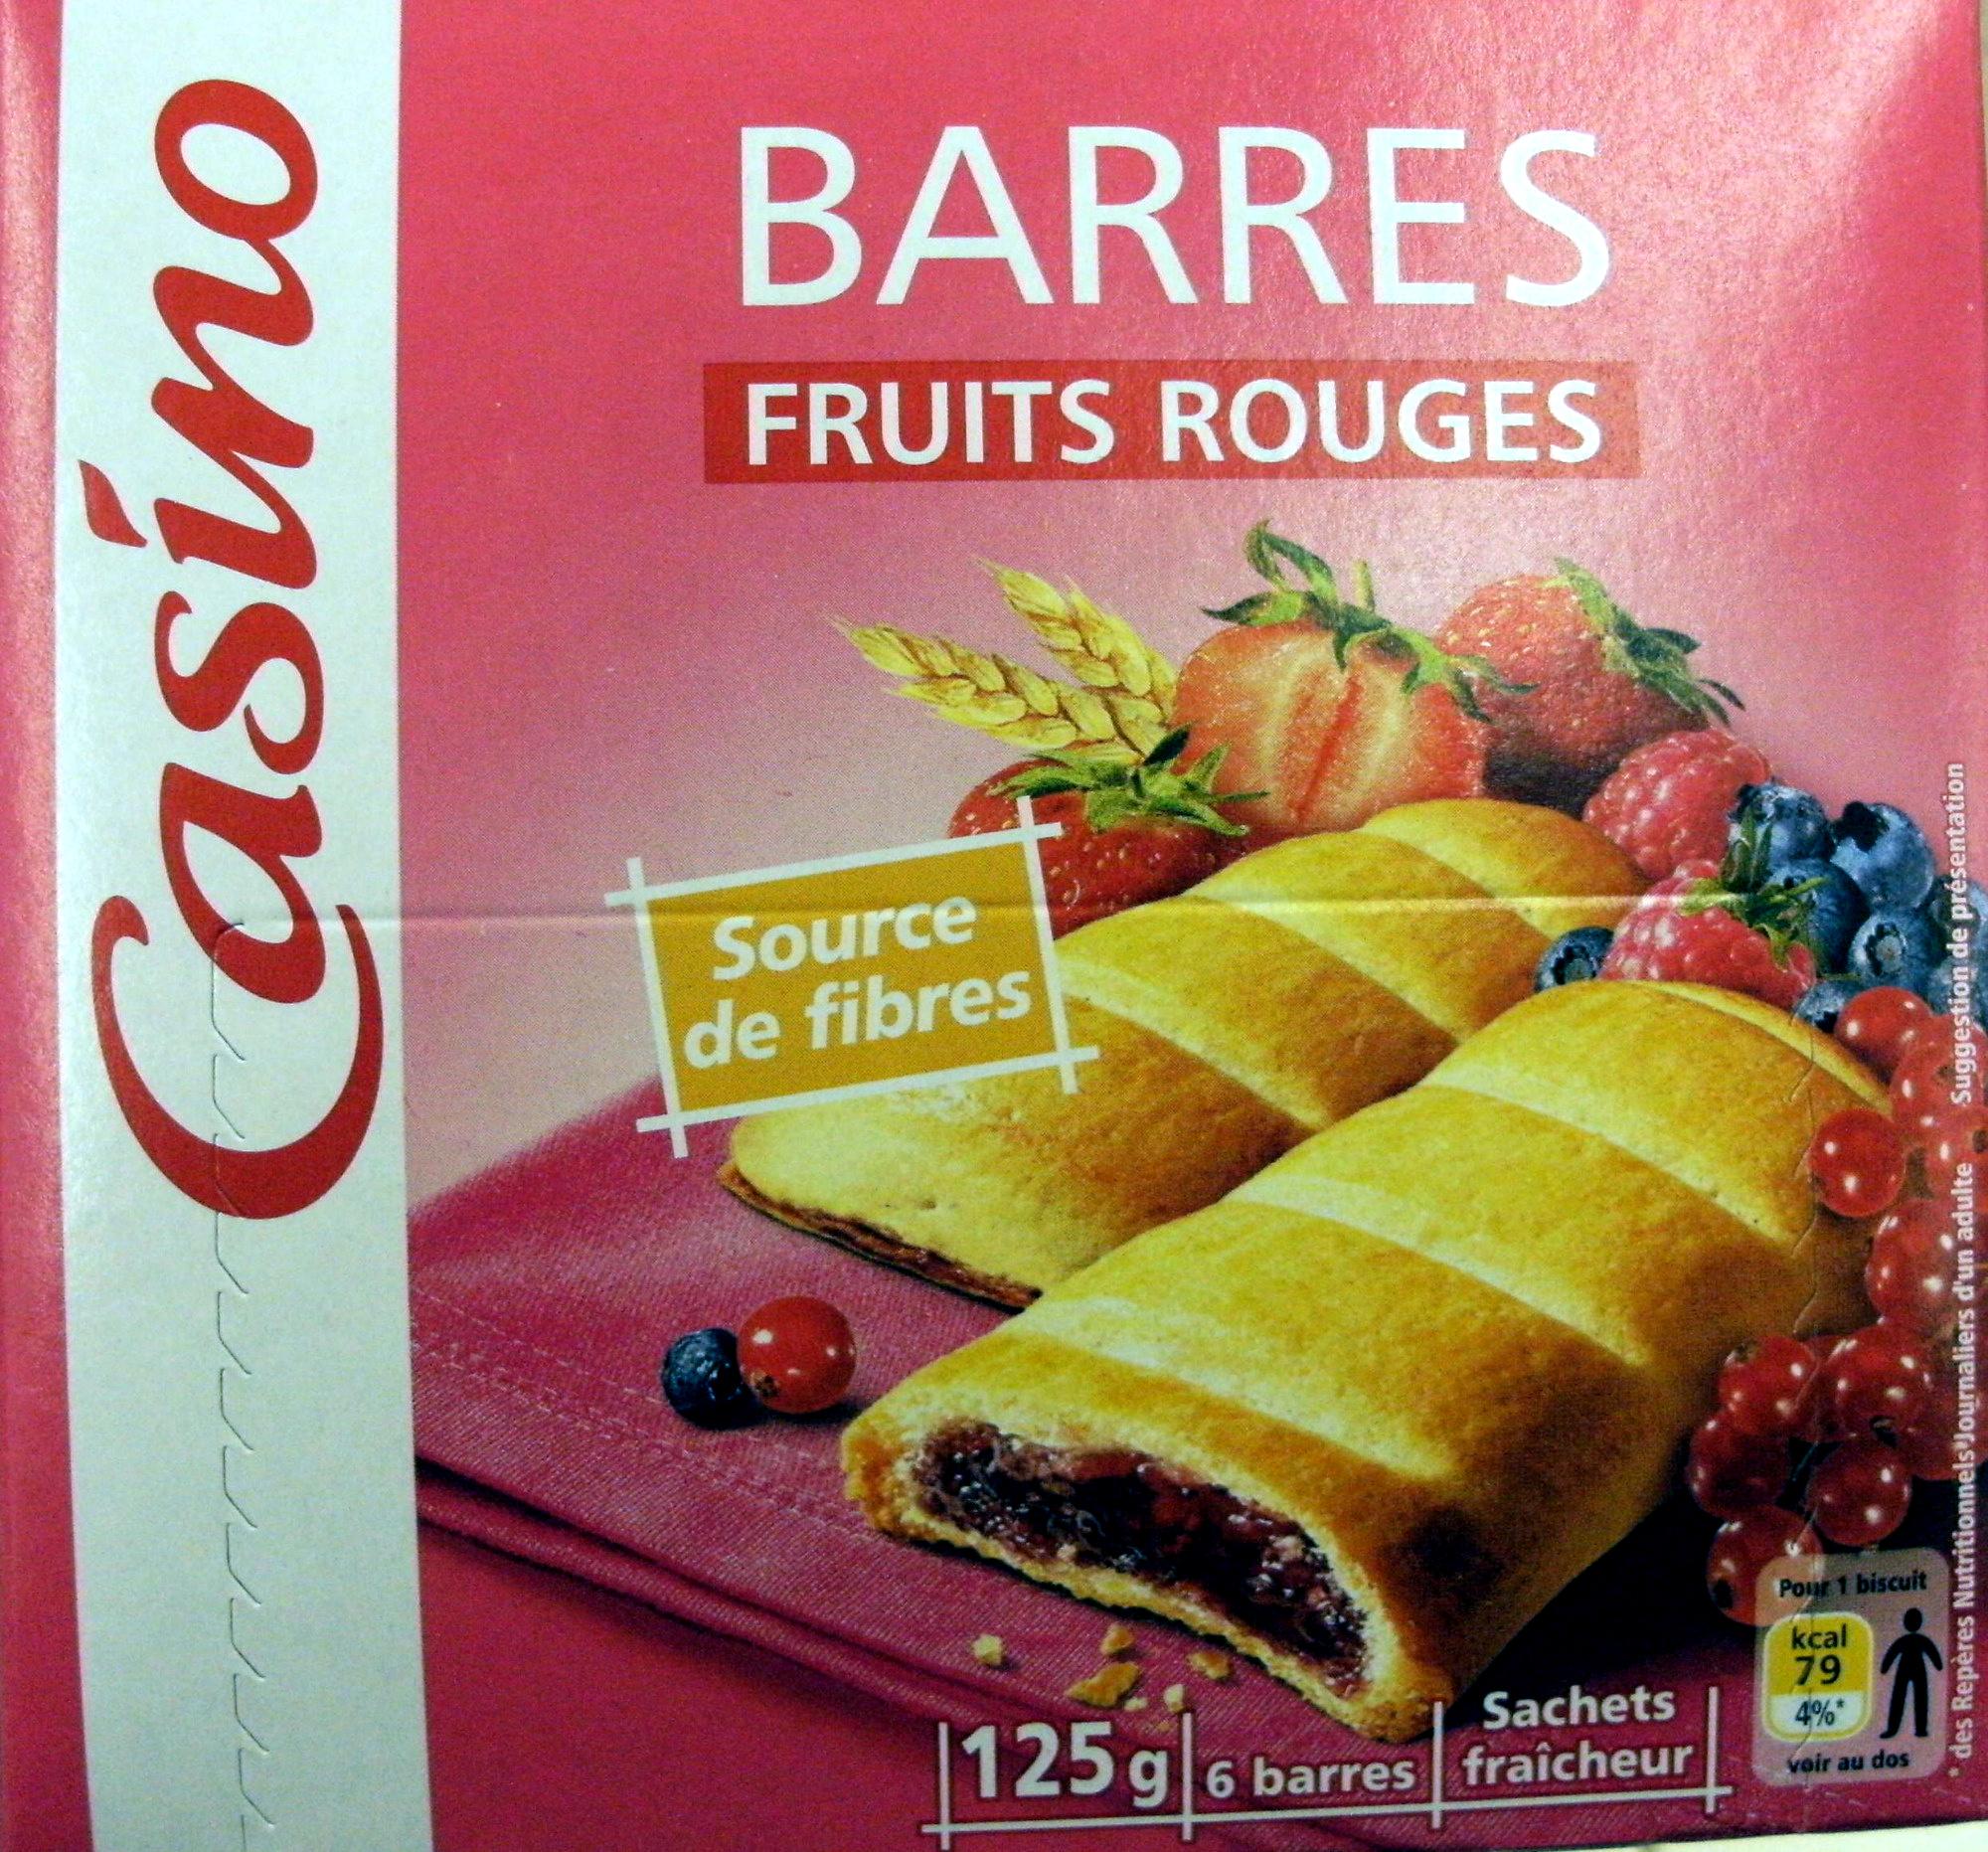 Casino barres fruits rouges - Produit - fr